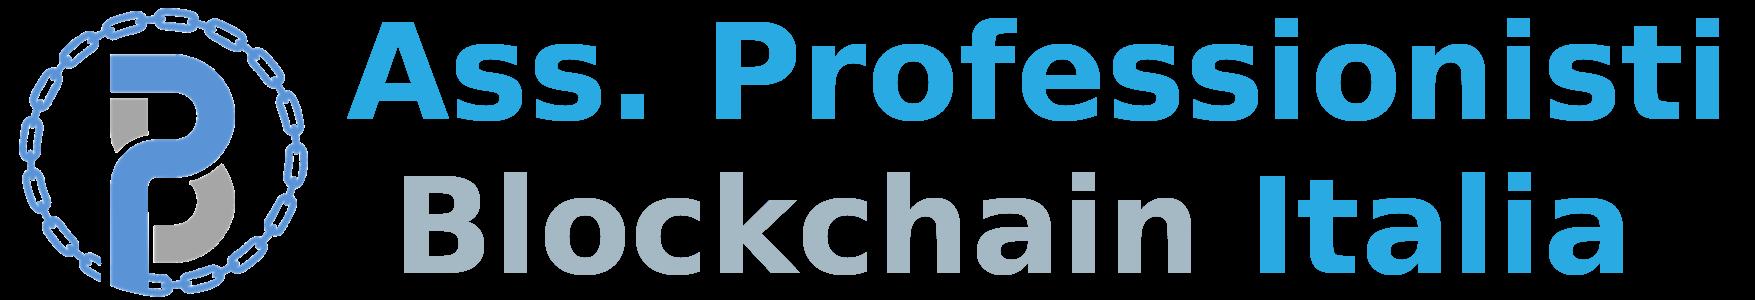 Associazione Professionisti Blockchain Italia